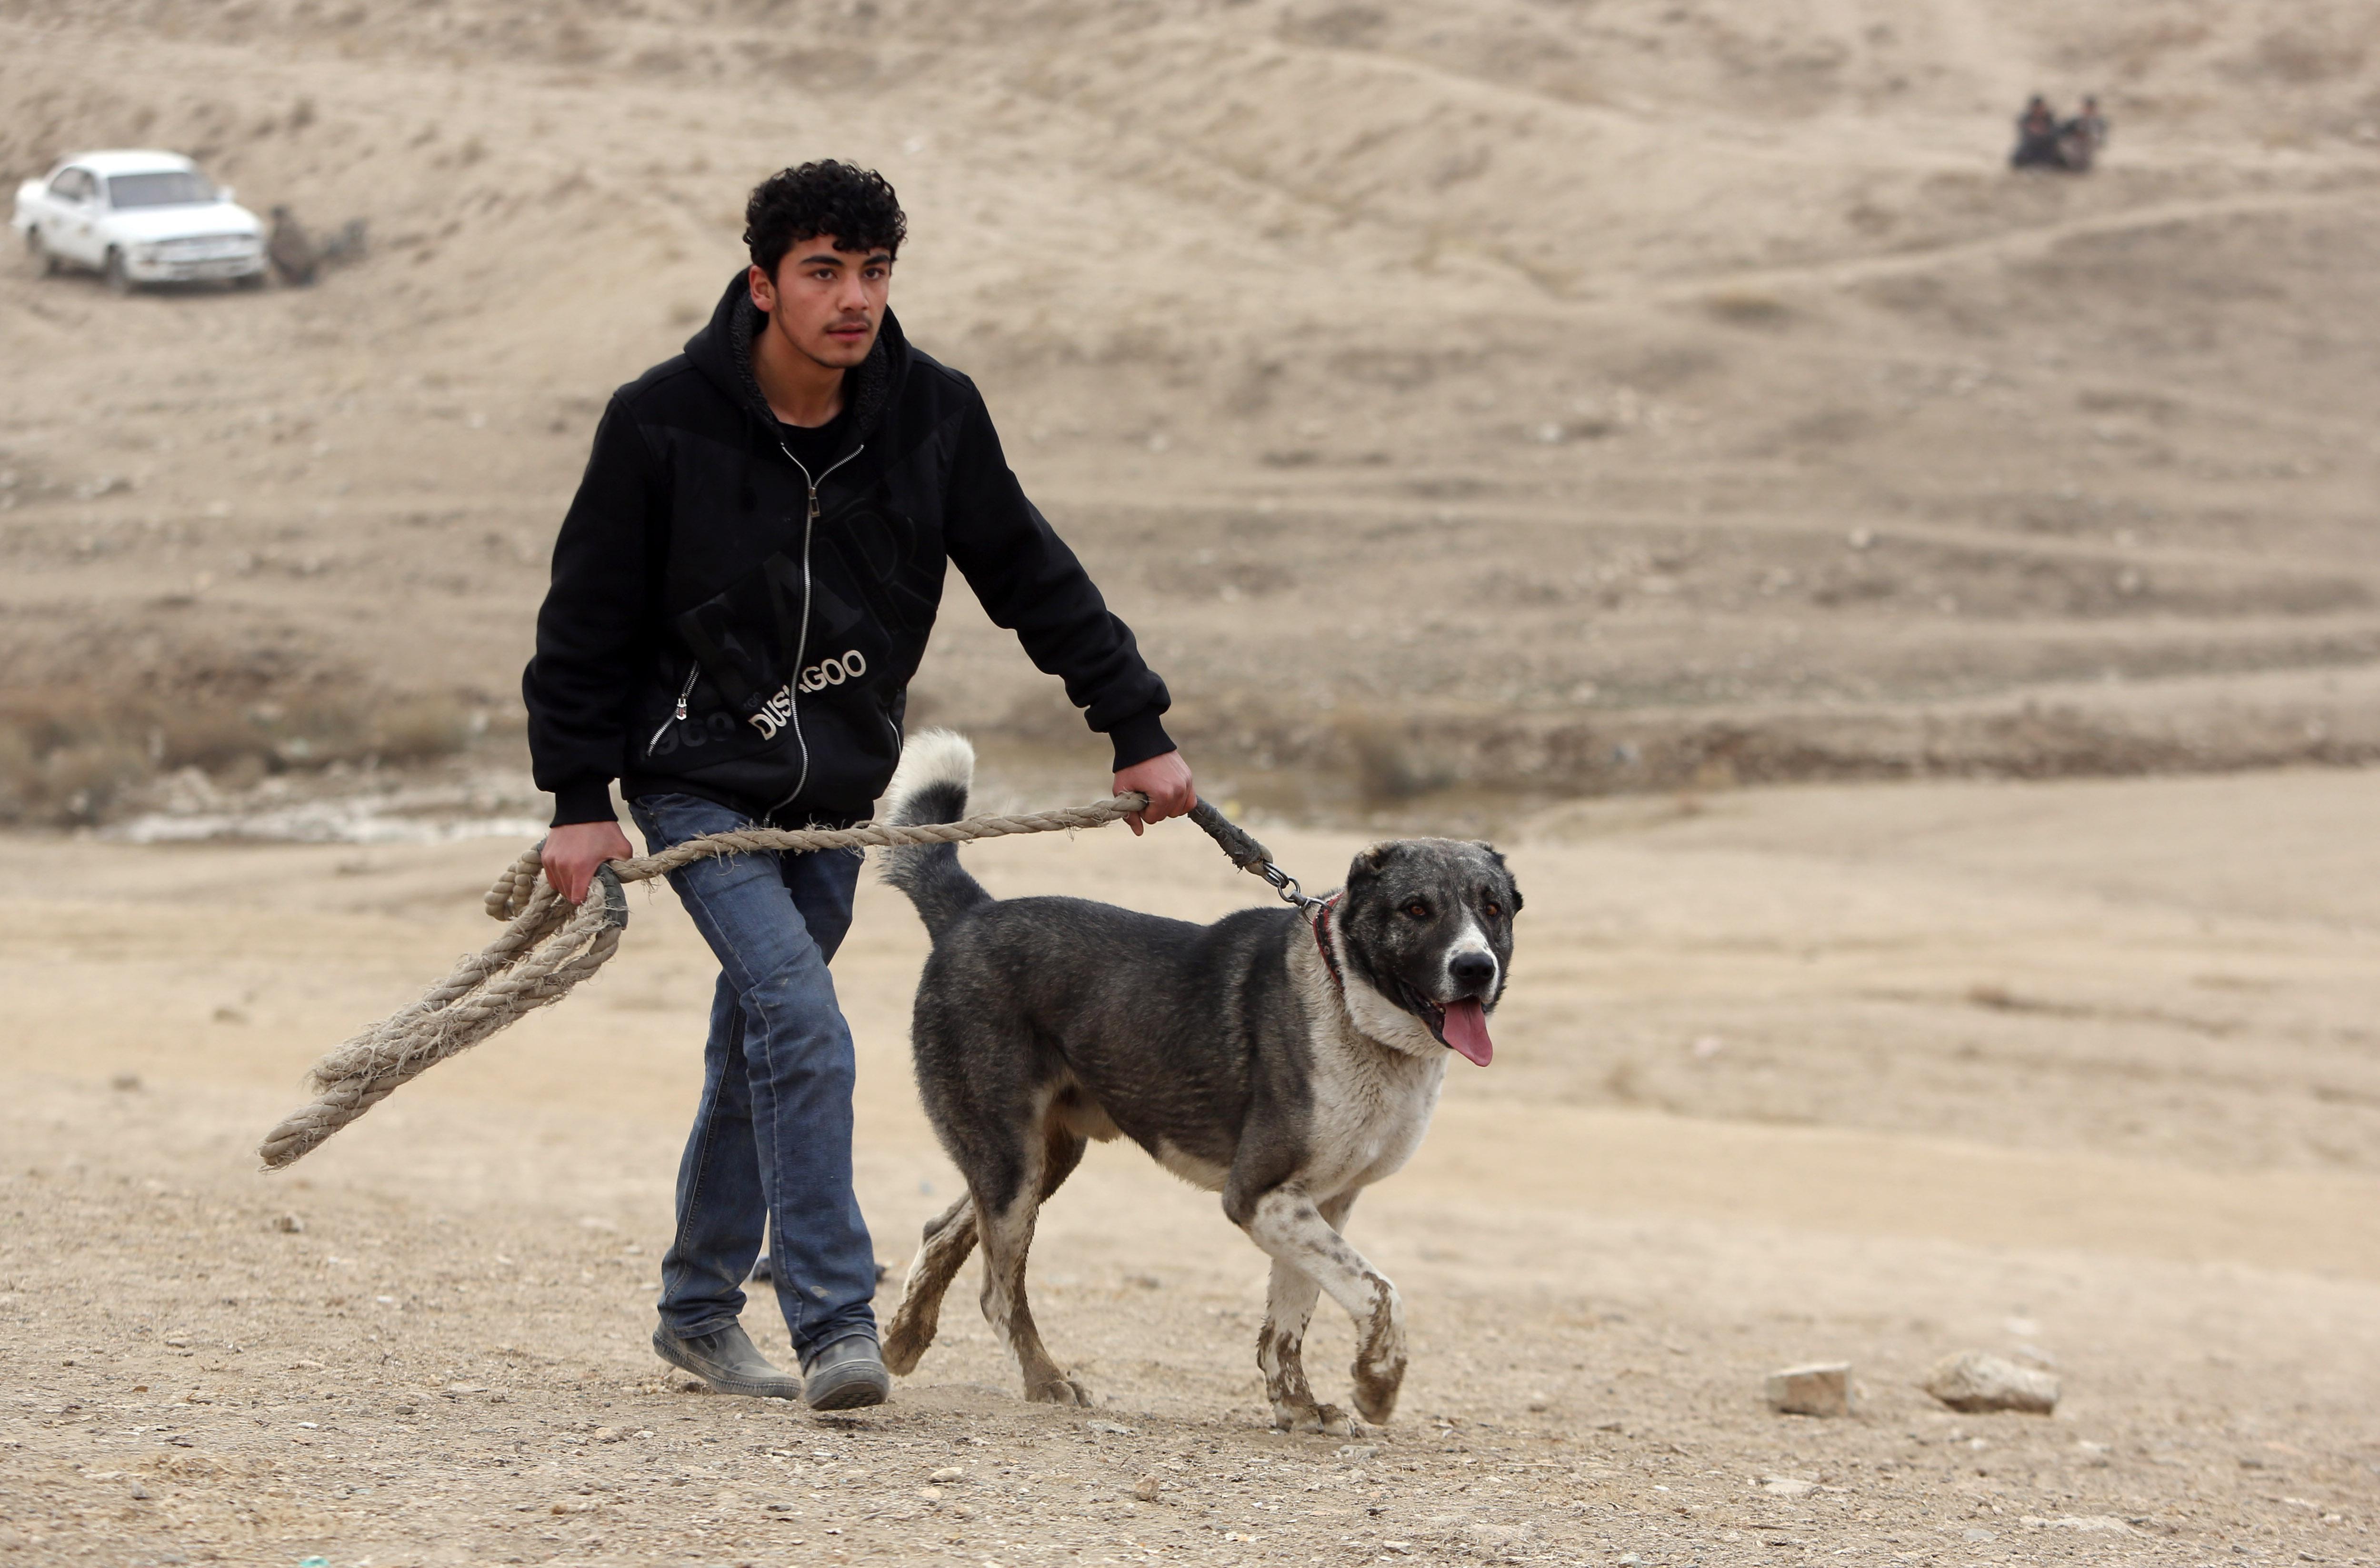 Immagini shock dall'Afghanistan, la moda crudele dei combattimenti tra cani